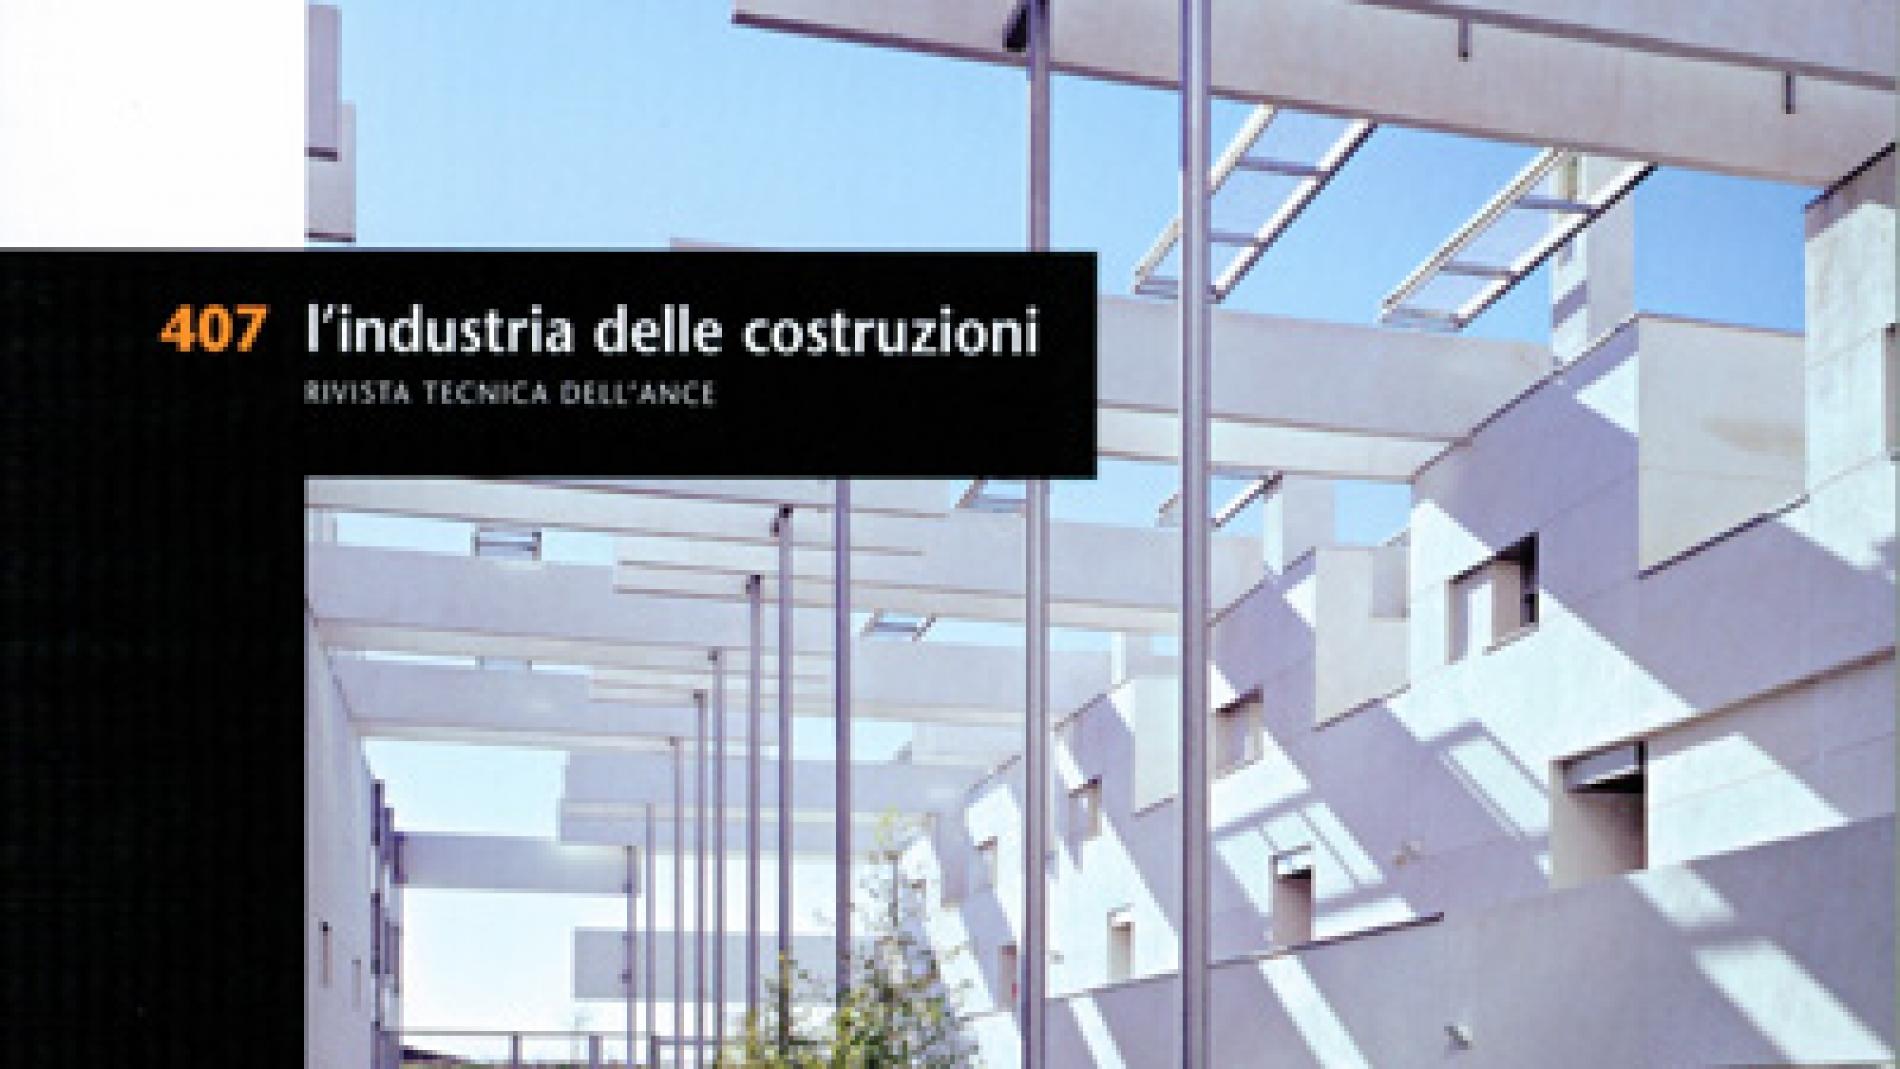 LIndustriaDelleCostruzioni_407_2009